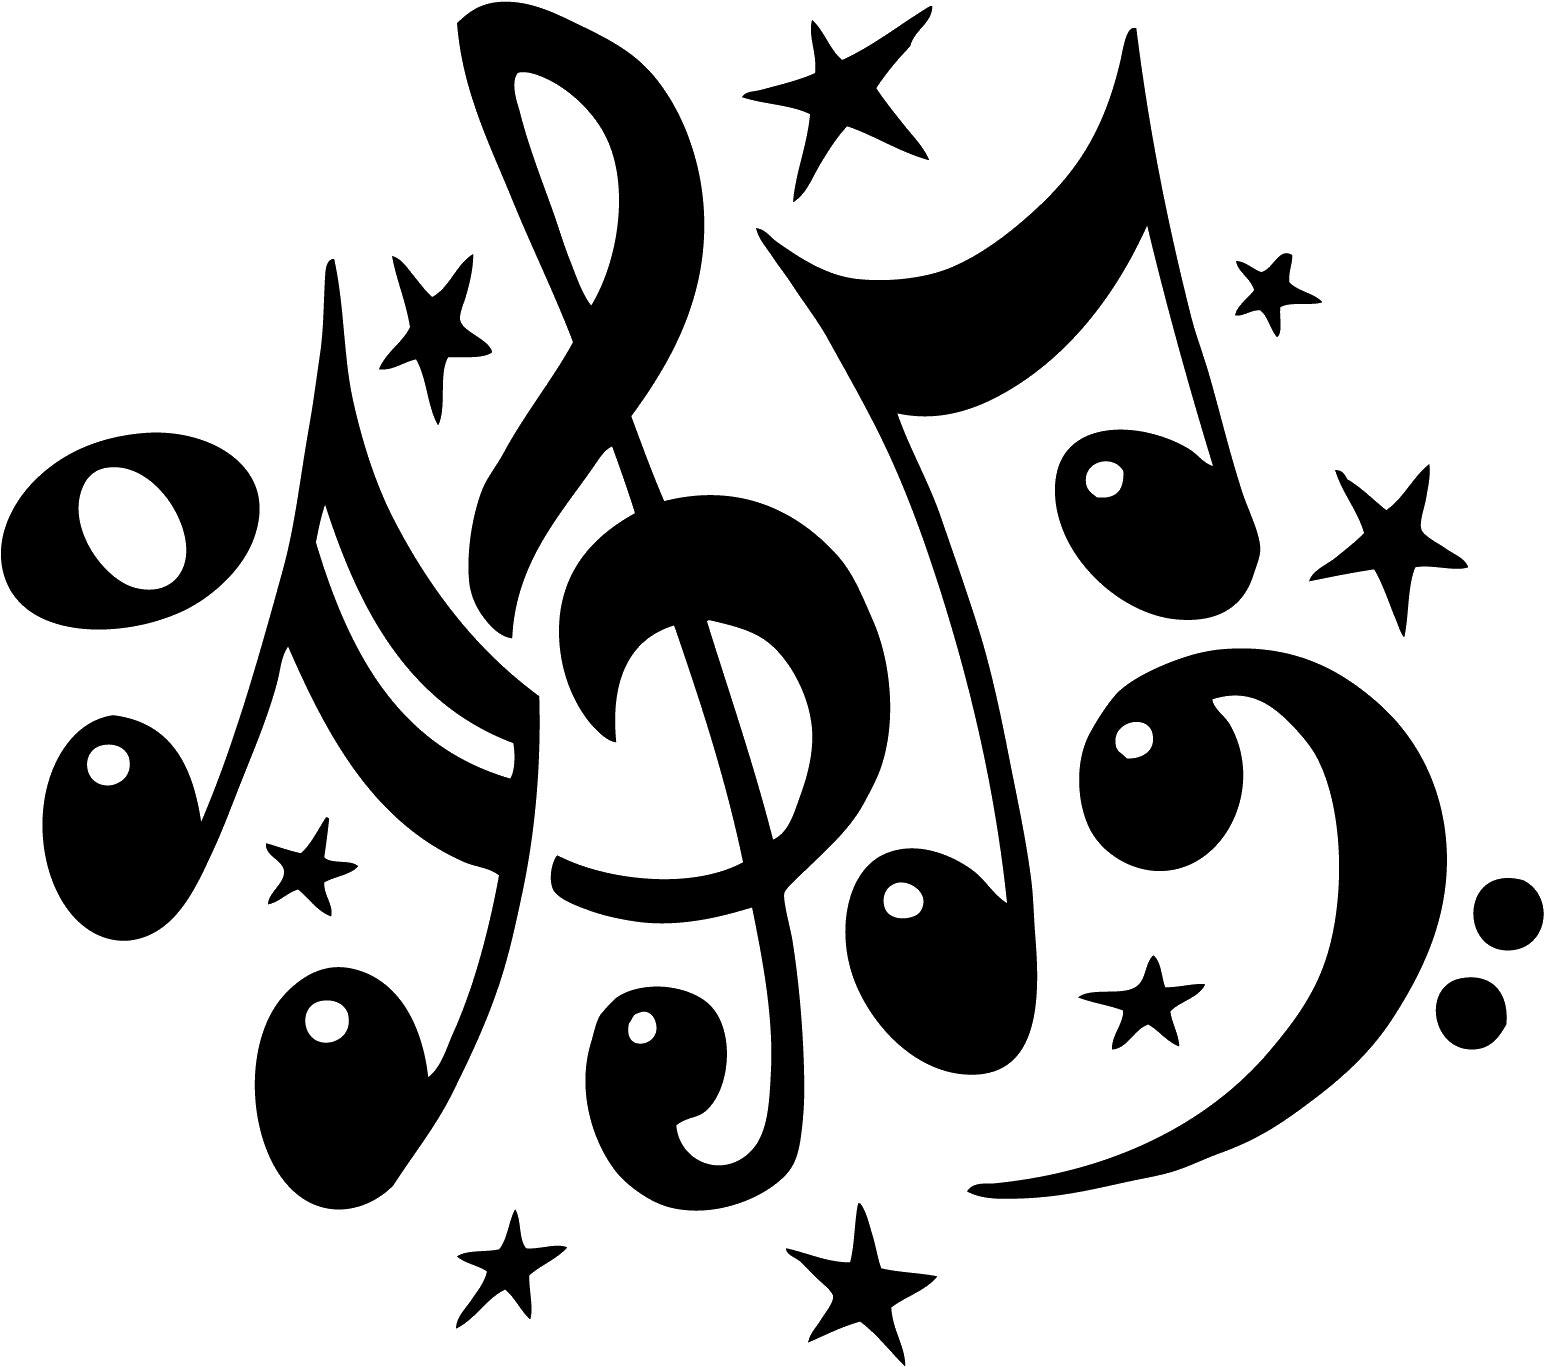 音楽・音符イラスト素材「ポップなイラスト」